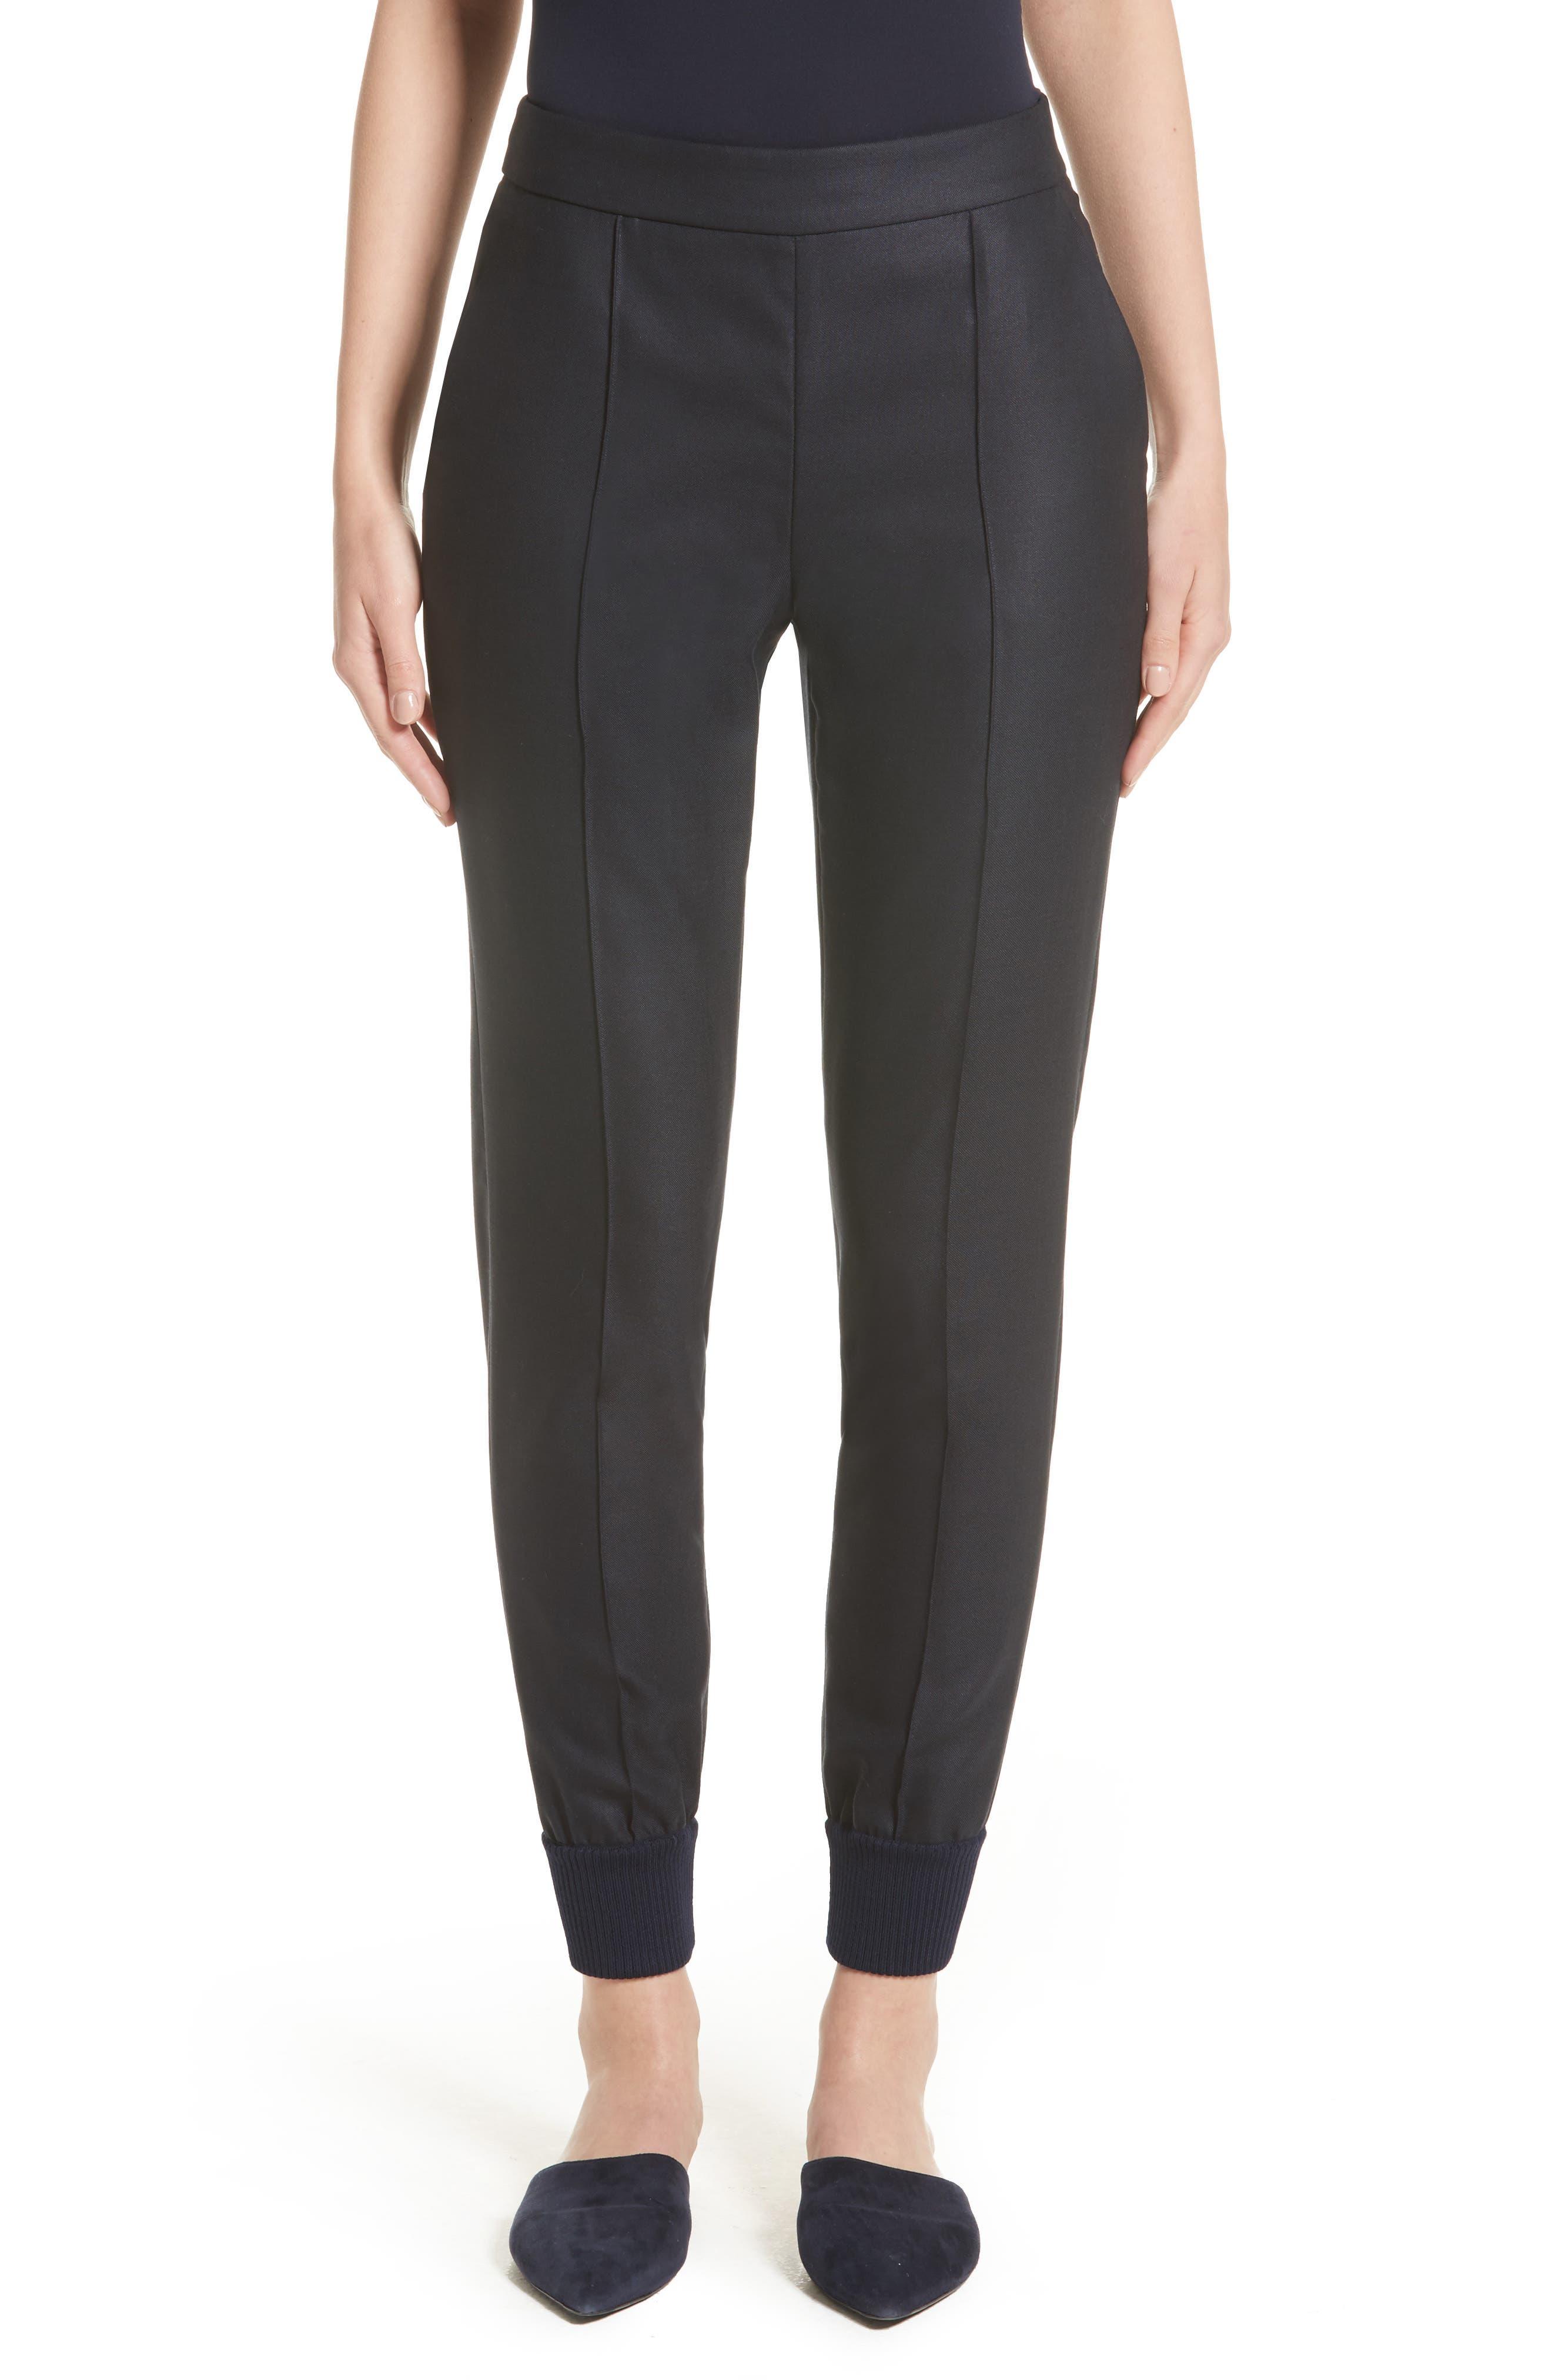 Main Image - St. John Collection Stretch Birdseye Skinny Pants